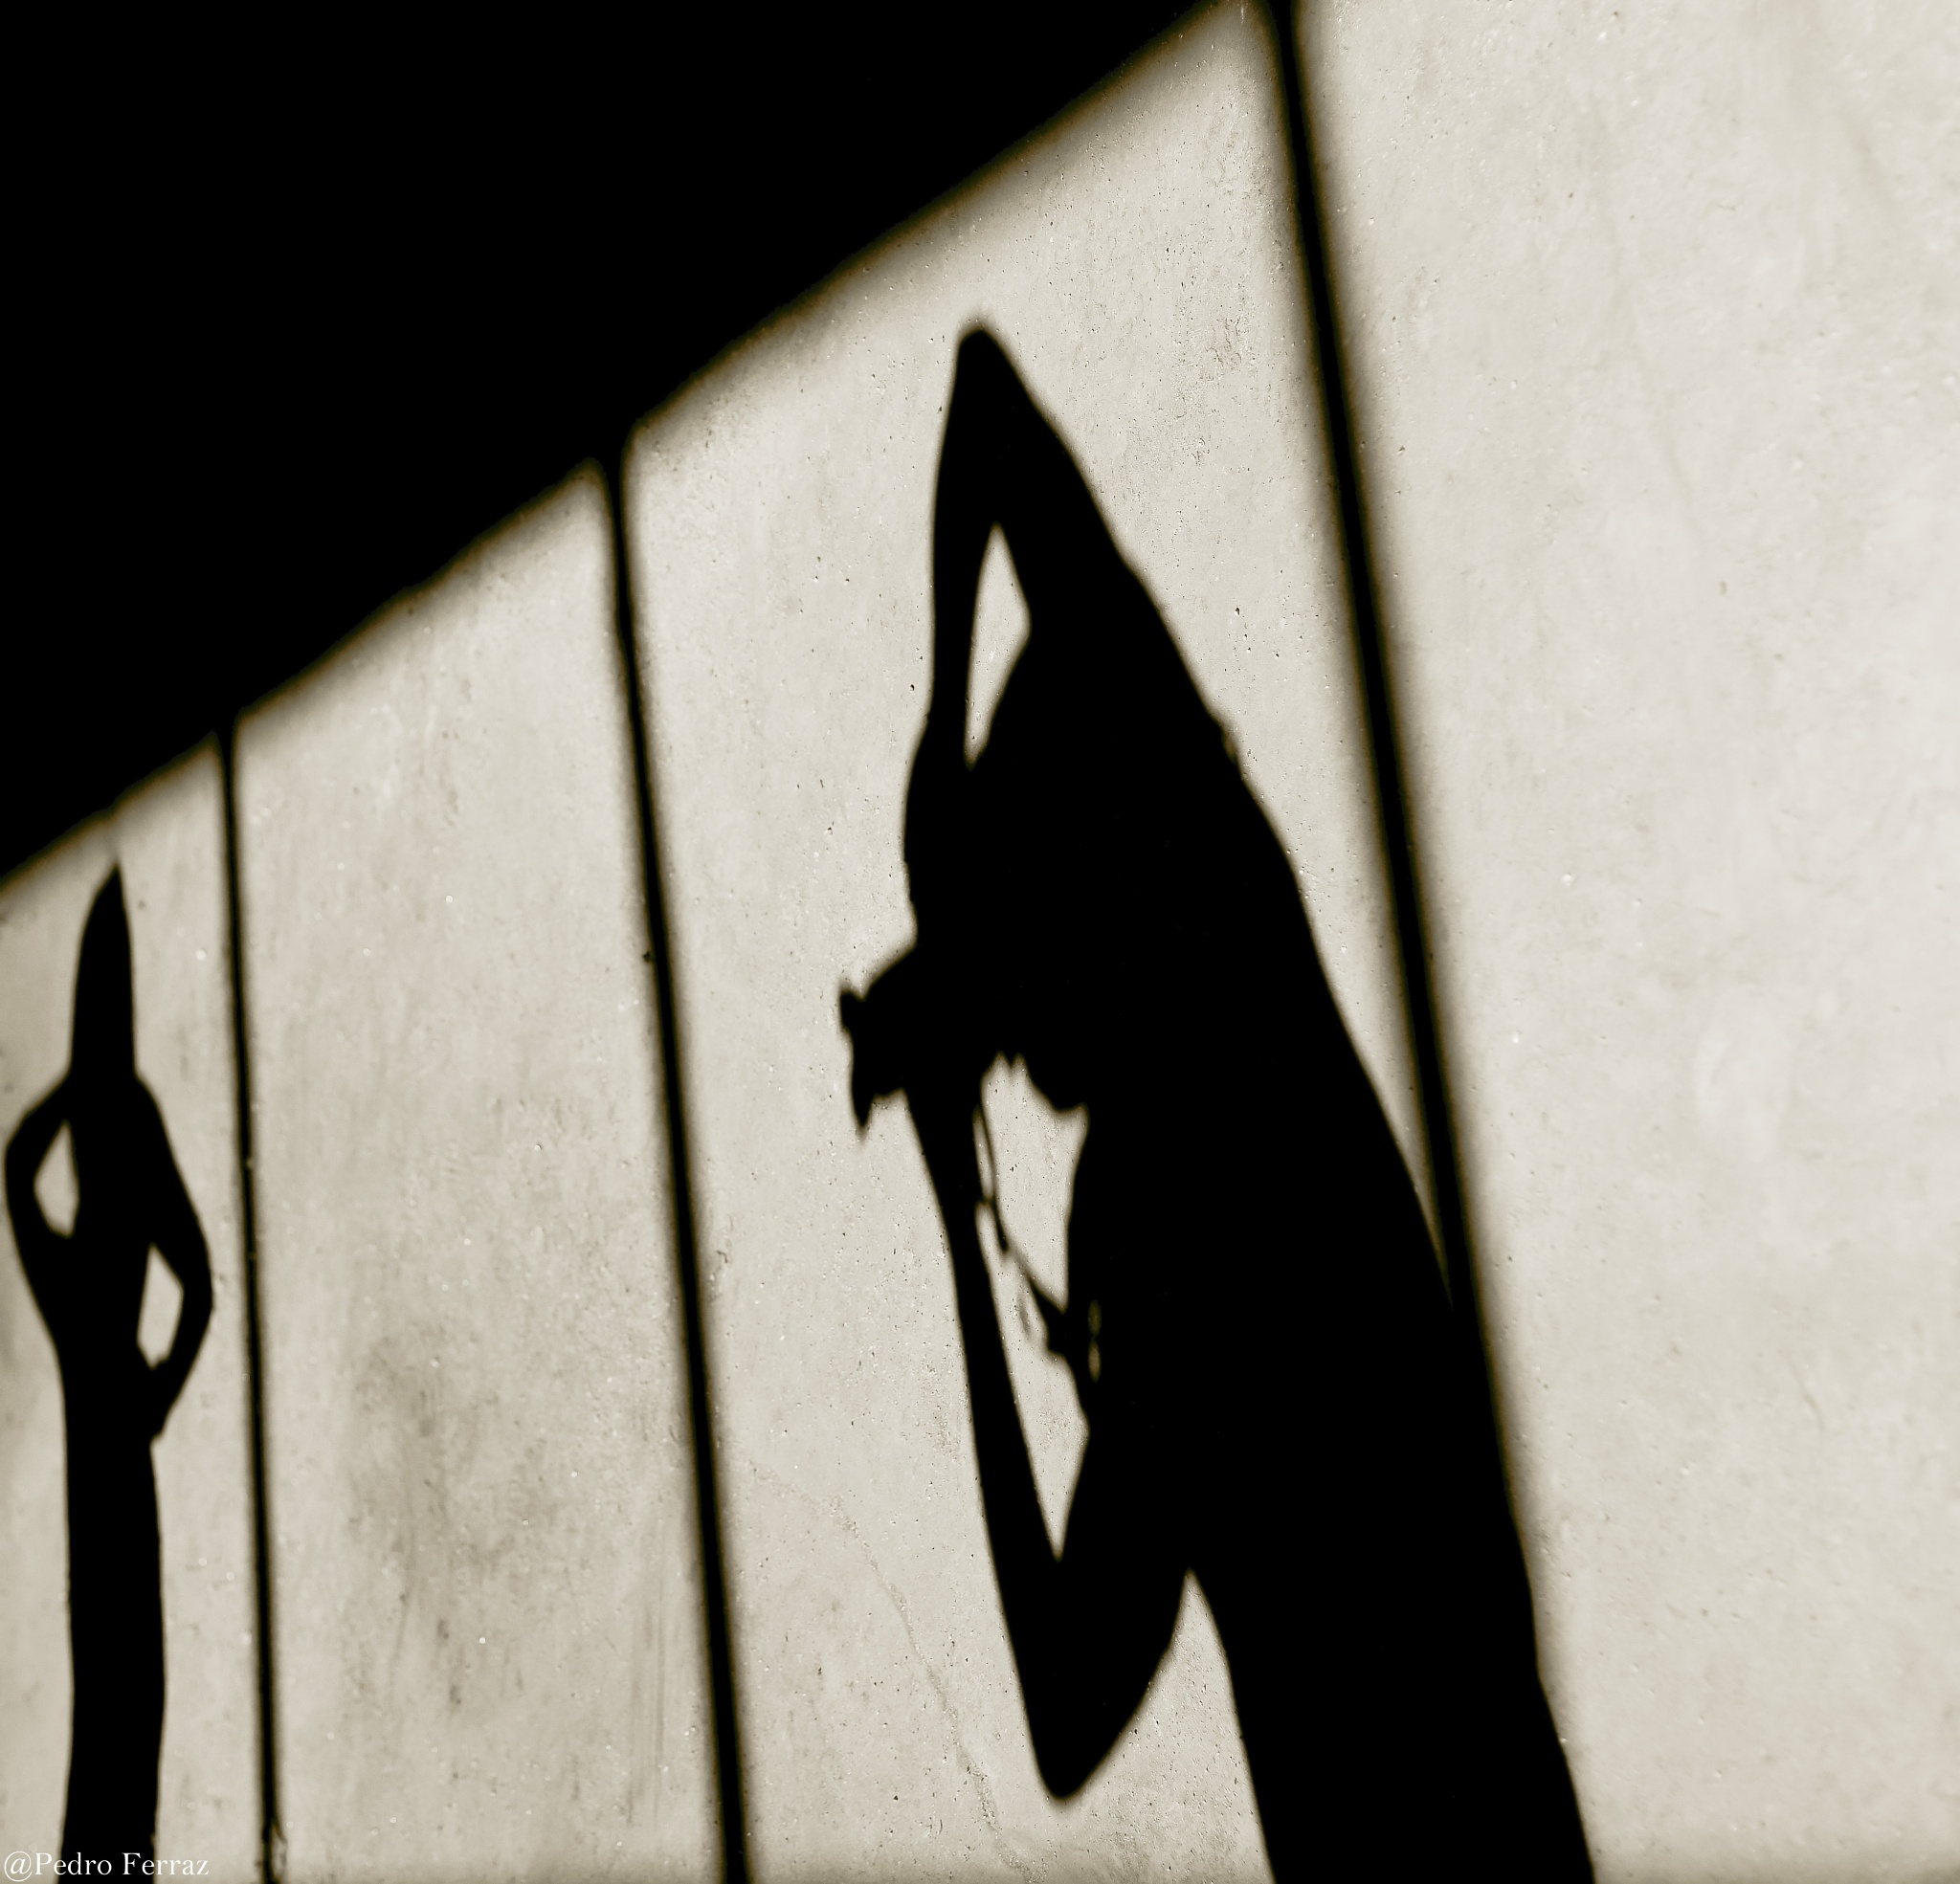 The photo window by Pedro Ferraz